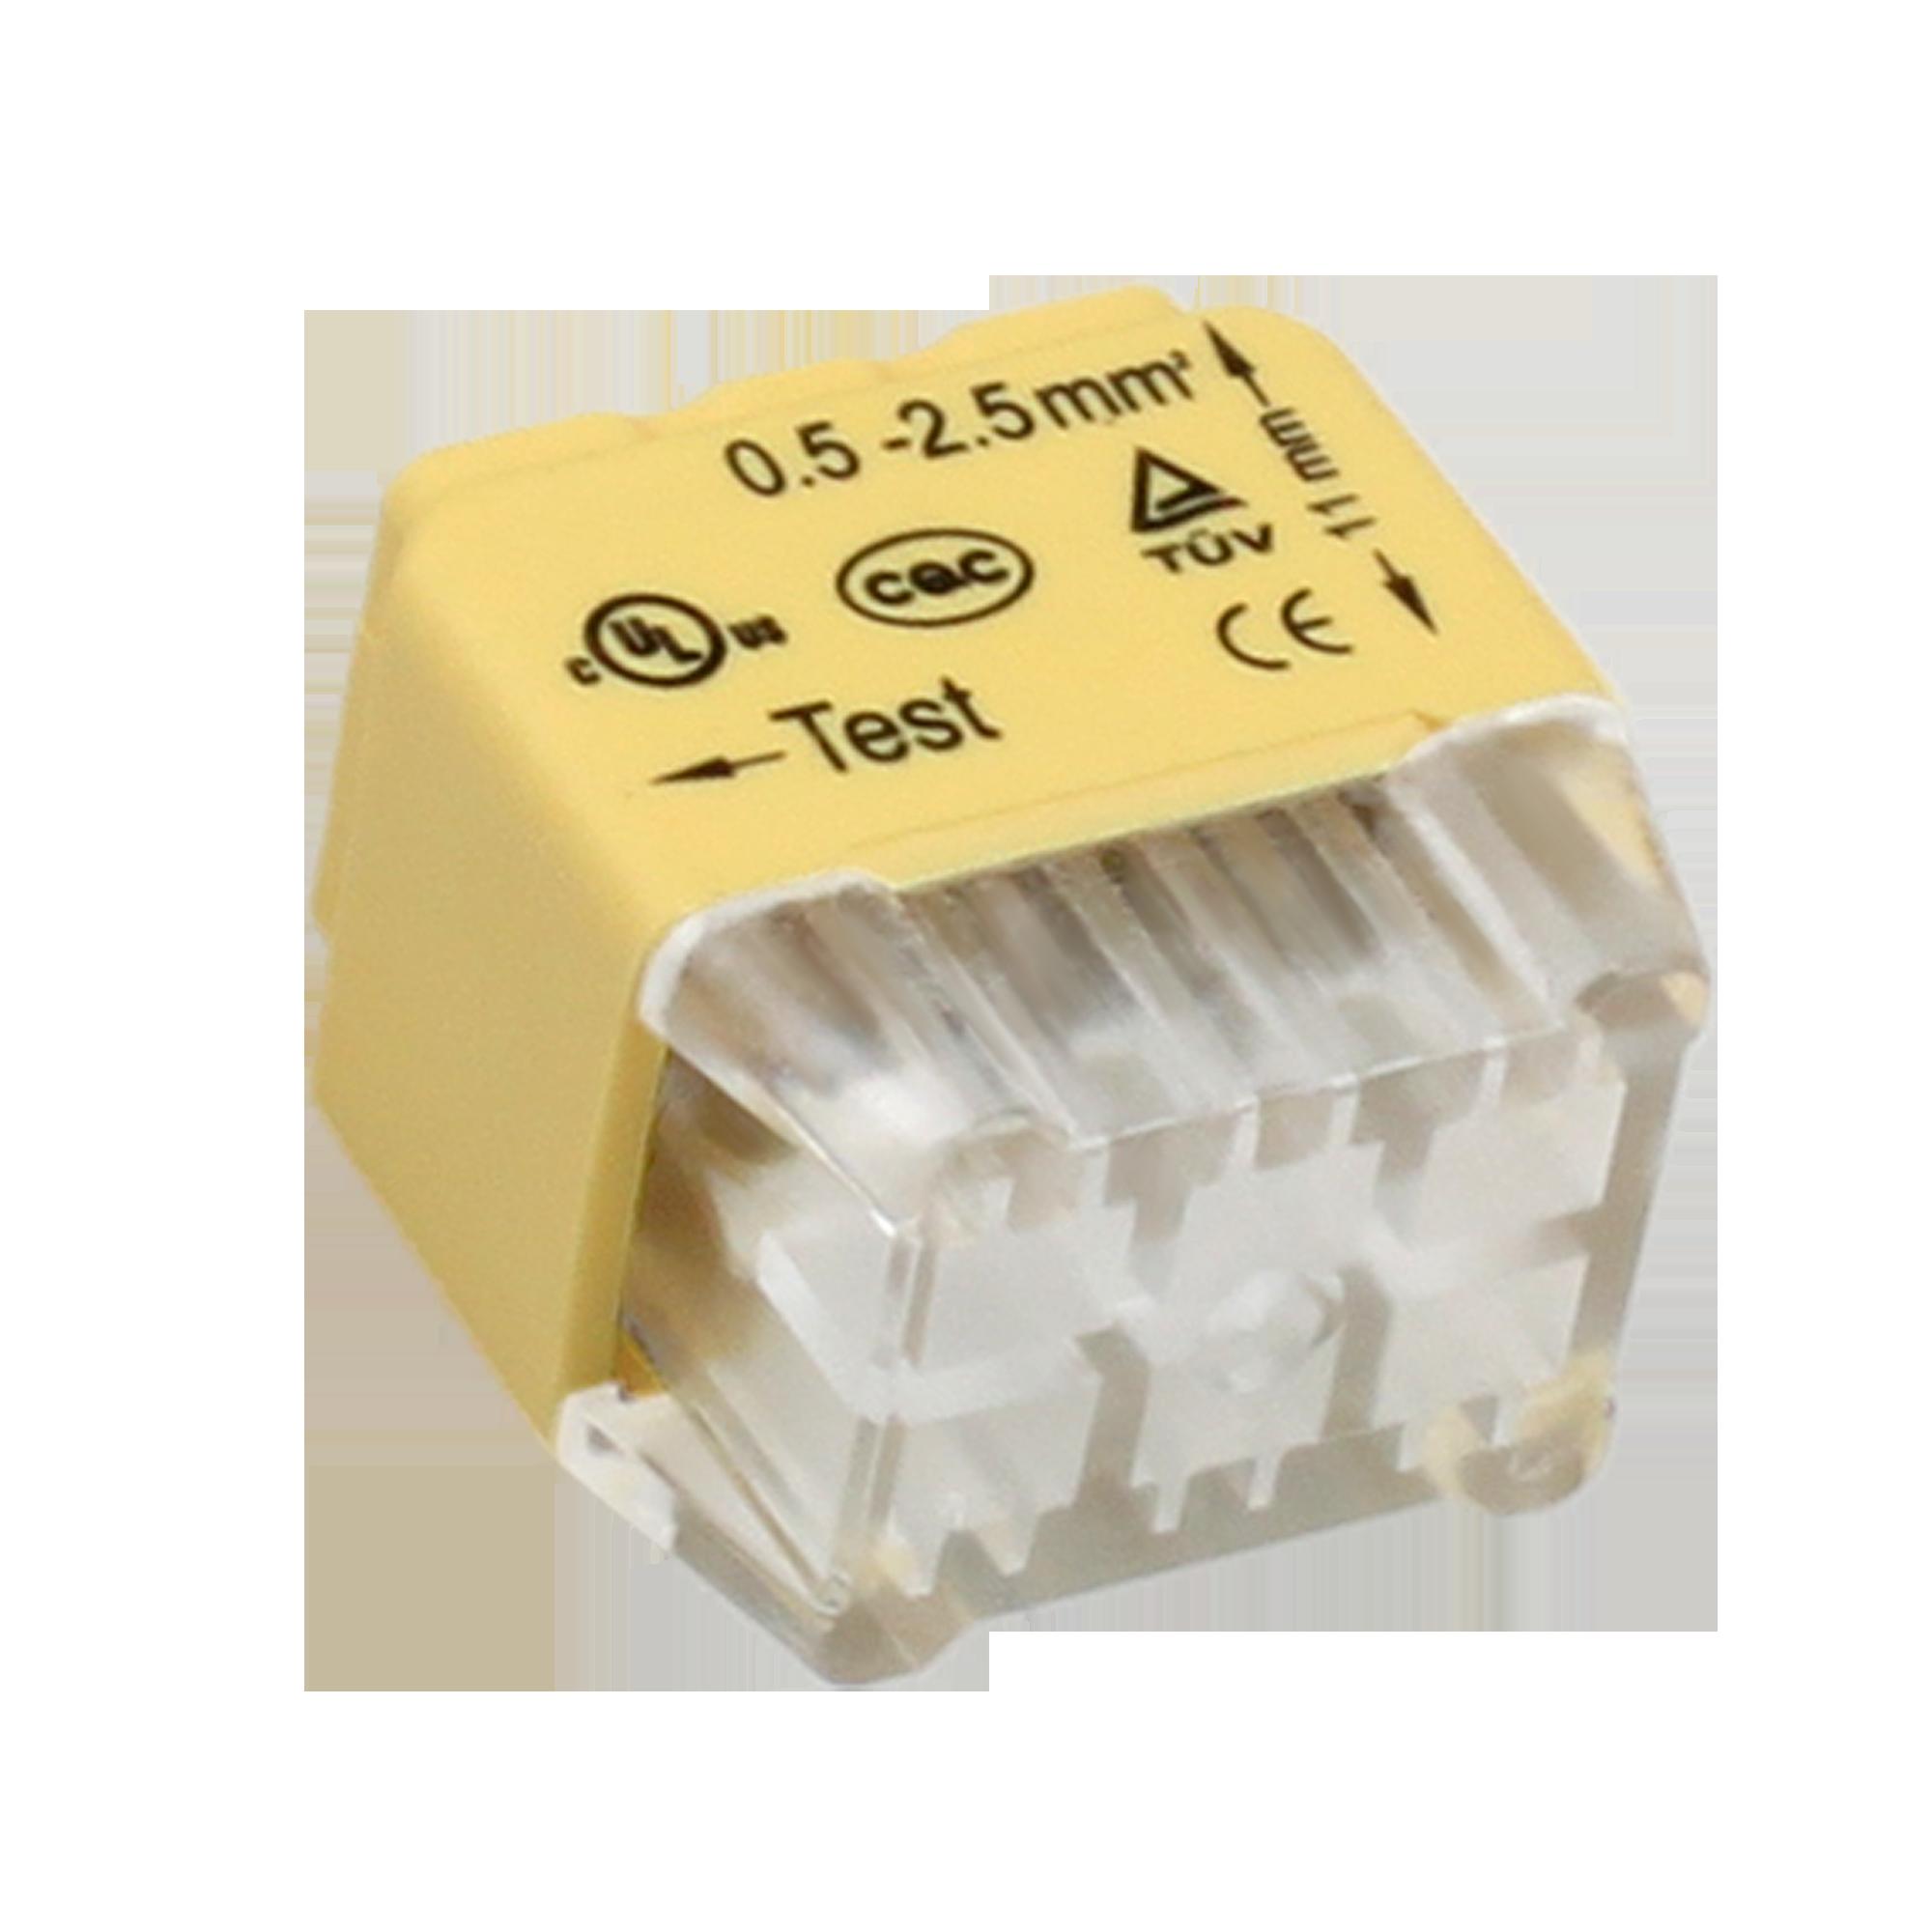 Złączka instalacyjna wciskana 6-przewodowa; Dwurzędowa; Na drut 0,75-2,5mm²; IEC 300V/24A